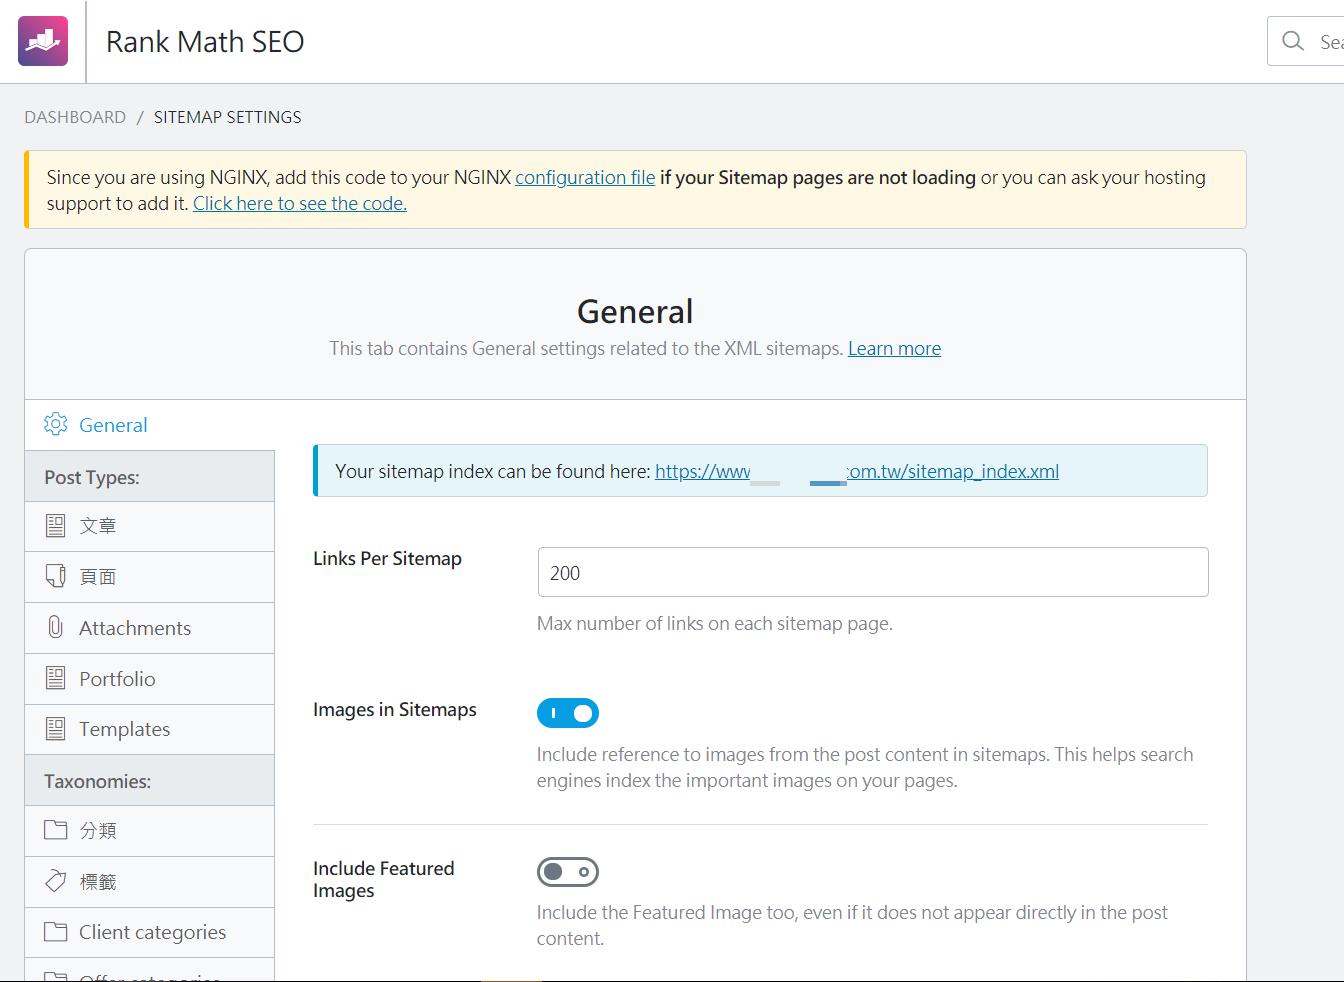 使用Wordpress Rankmath外掛時,Sitemap無法正常生該怎麼辦?